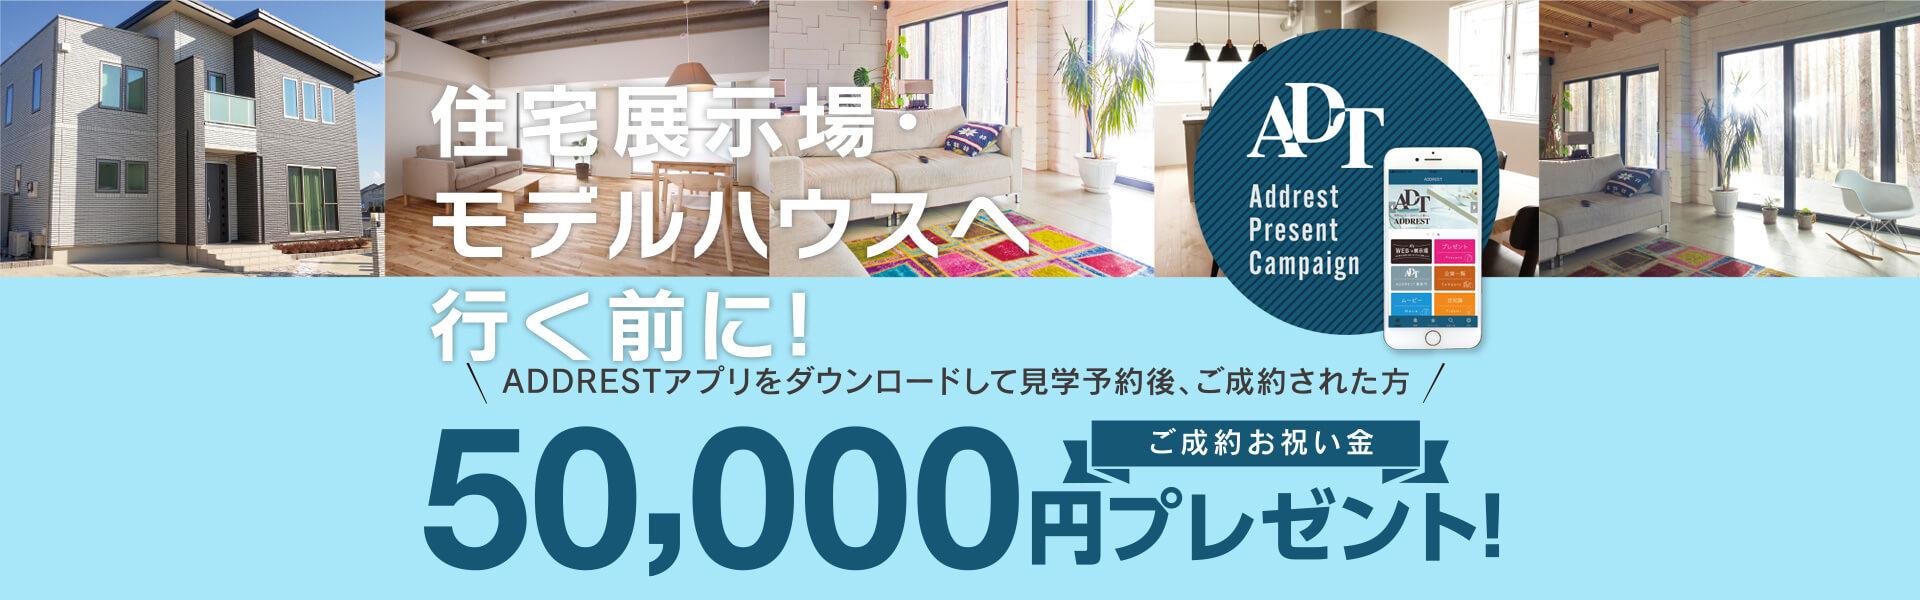 アプリADDRESTから住宅予約見学でQUOカード1000円分、その後のご成約でお祝い金50000円プレゼント